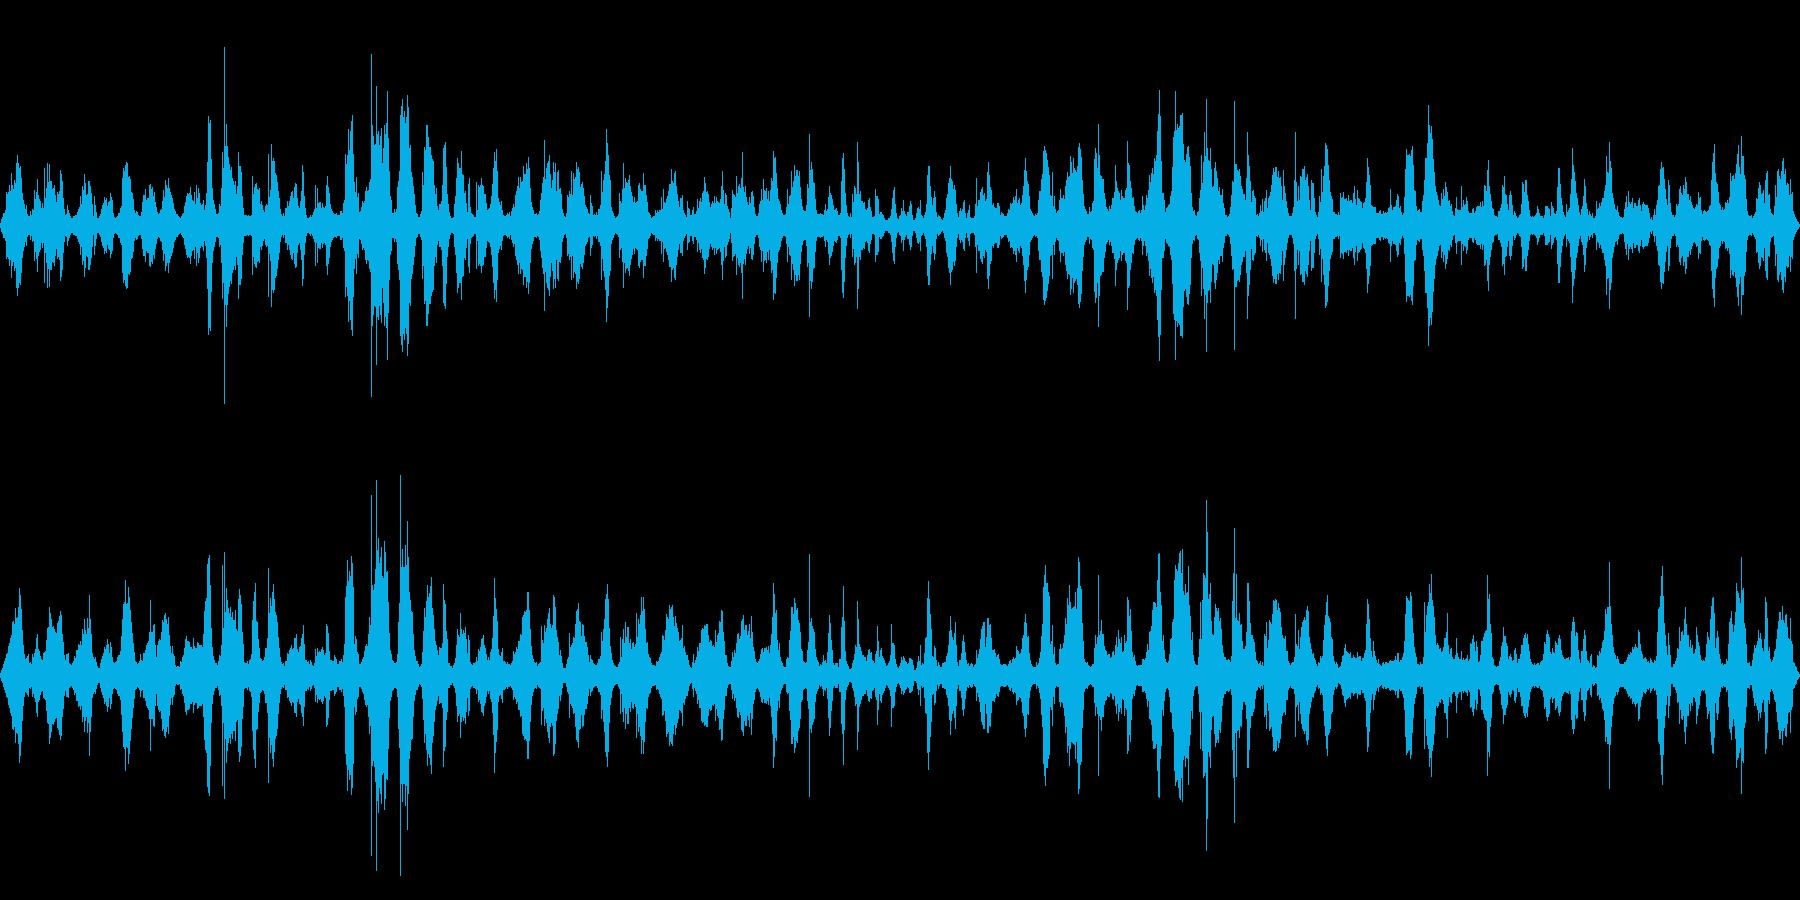 大浜海岸の波の音 11 【徳島】の再生済みの波形